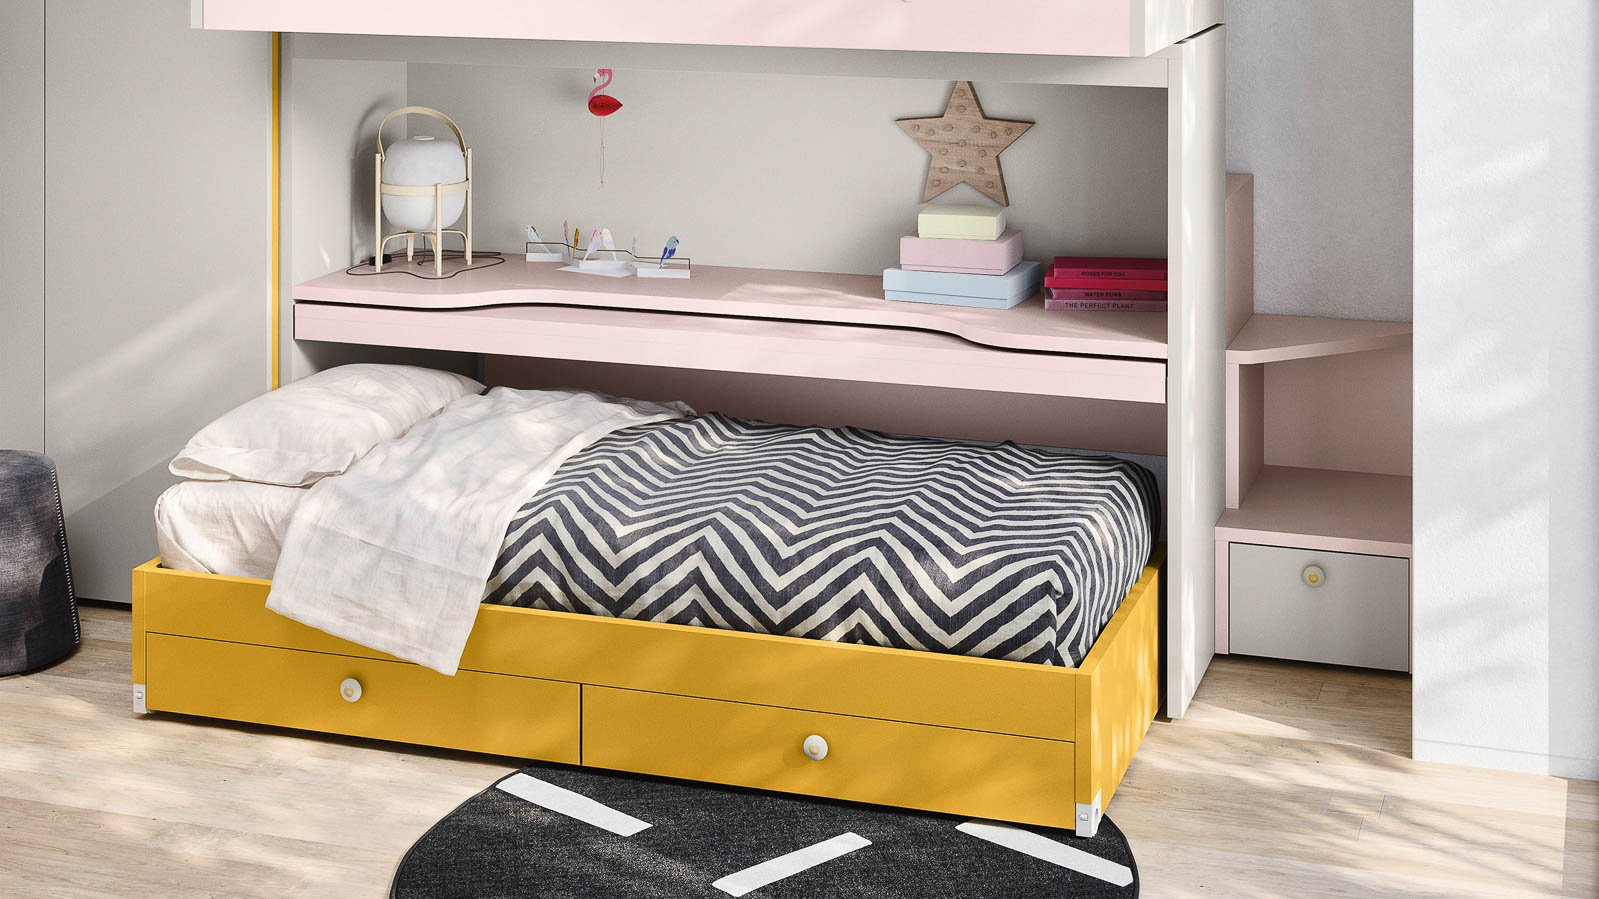 SKID sliding bunk bed